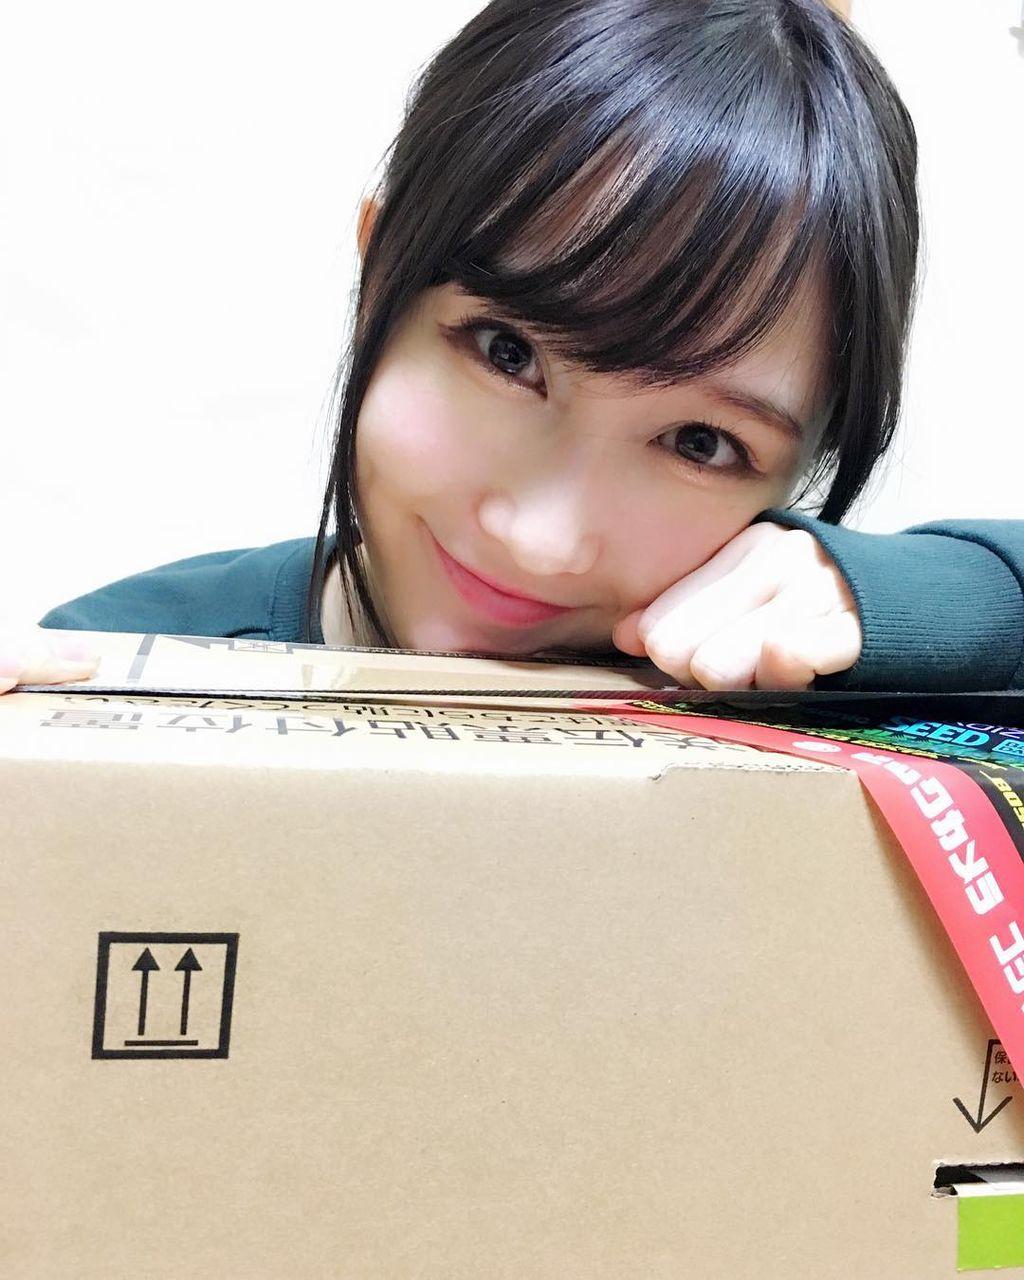 【朗報】ふぅちゃんが新年会でテレビを当てたさかい【NMB48】